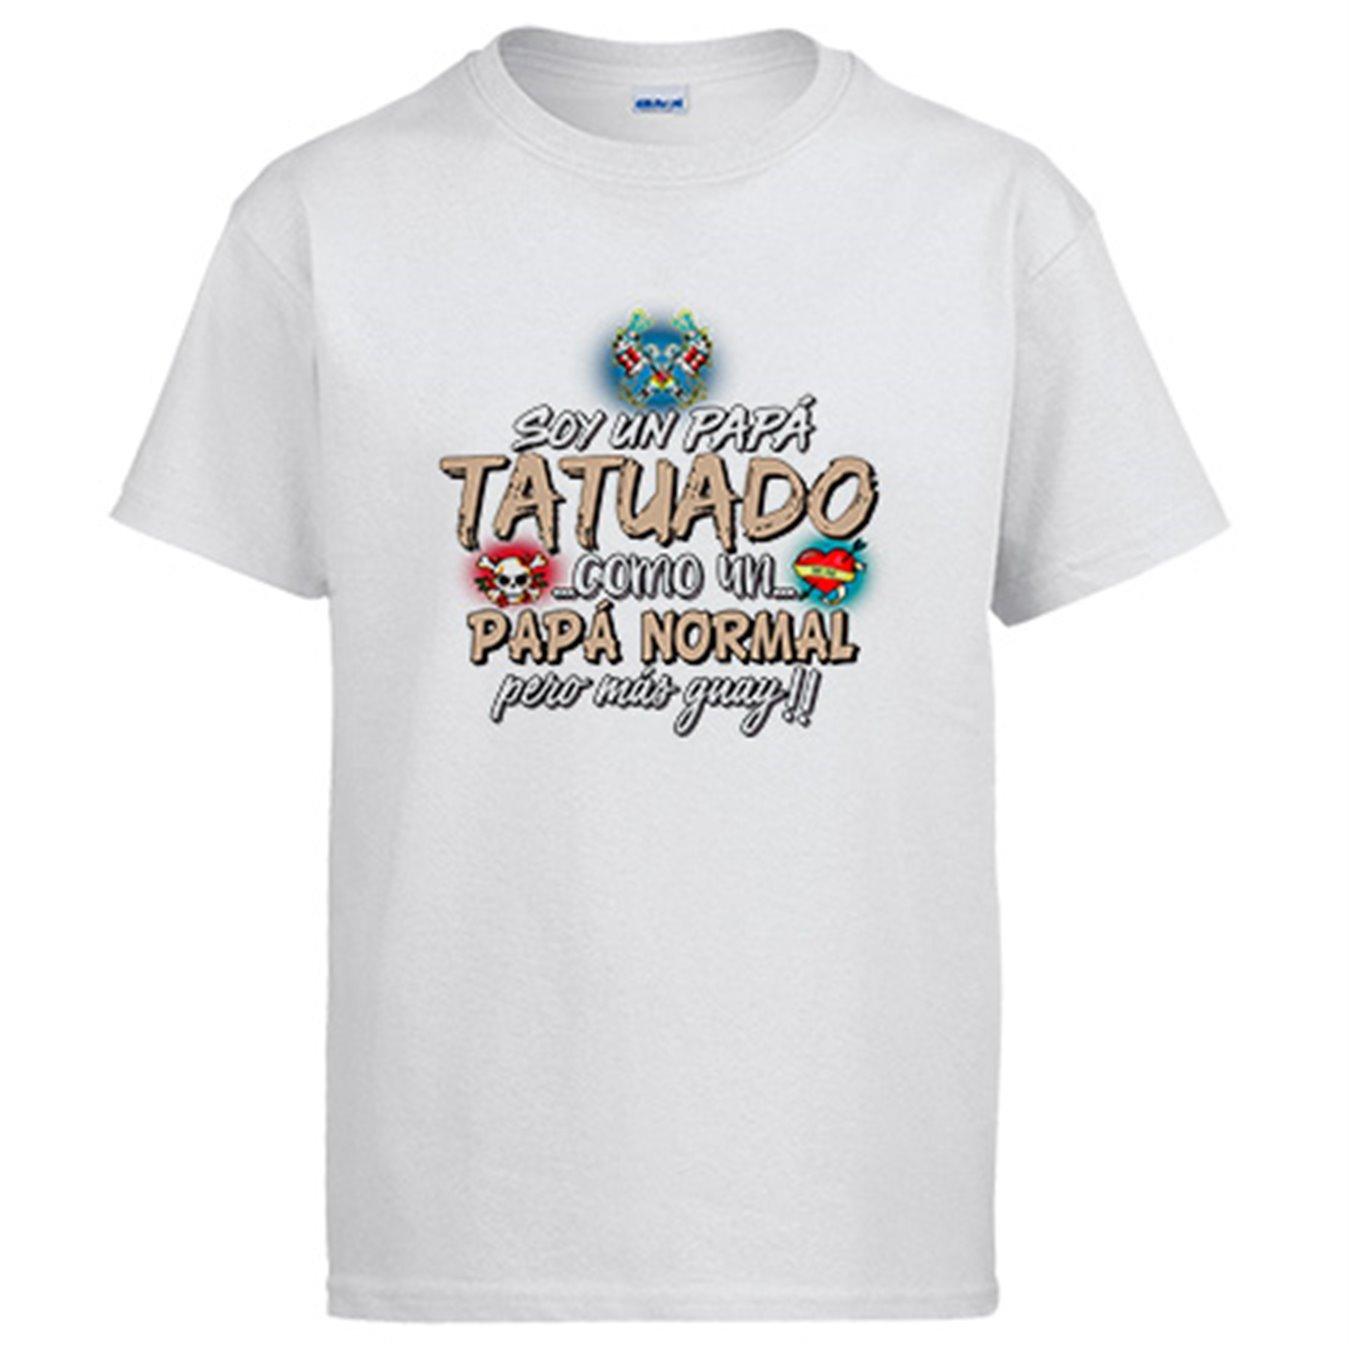 Camiseta Soy un papá Tatuado como un papá Normal Pero más Guay ...